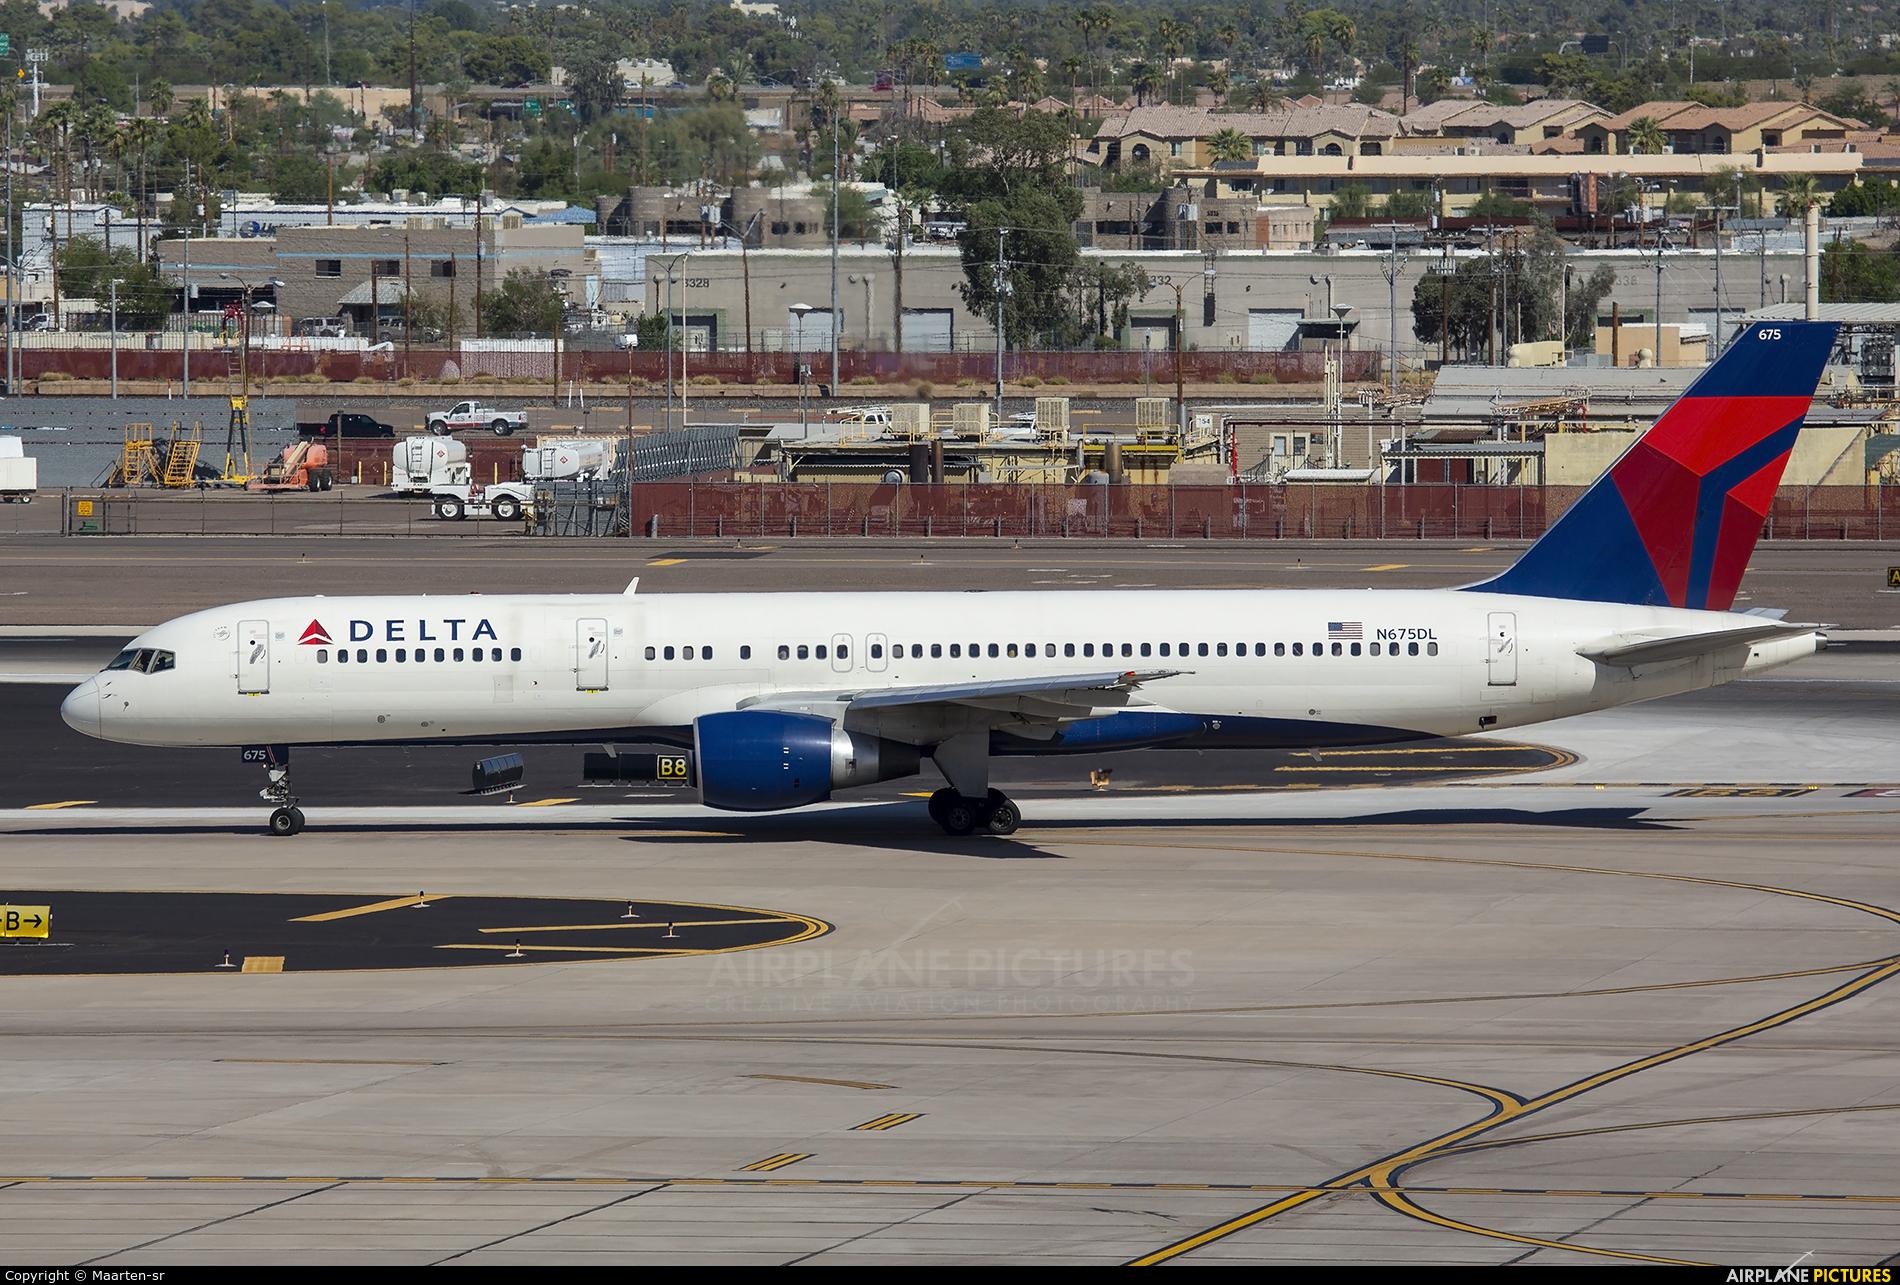 Delta Air Lines N675DL aircraft at Phoenix - Sky Harbor Intl